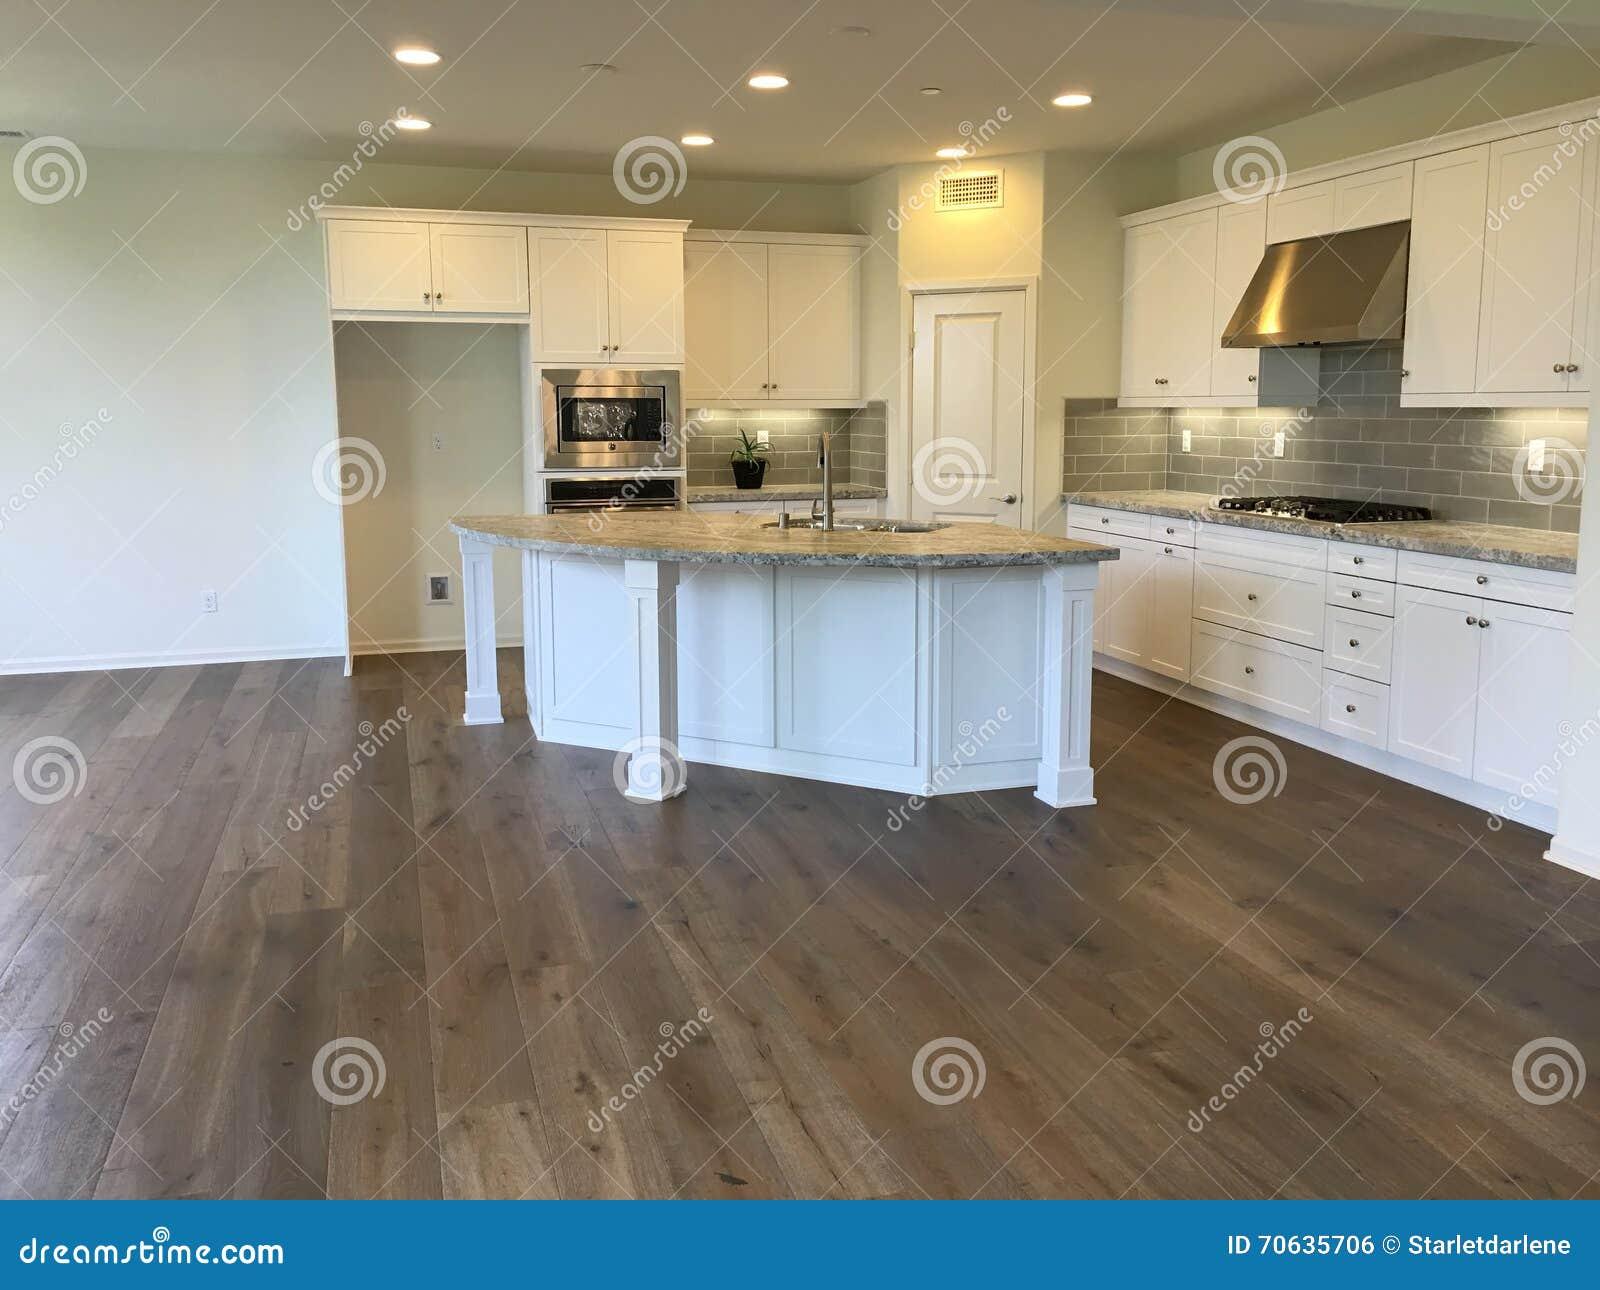 Leere Schöne Moderne Weiße Küche Mit Holzfußböden Stockfoto - Bild ...